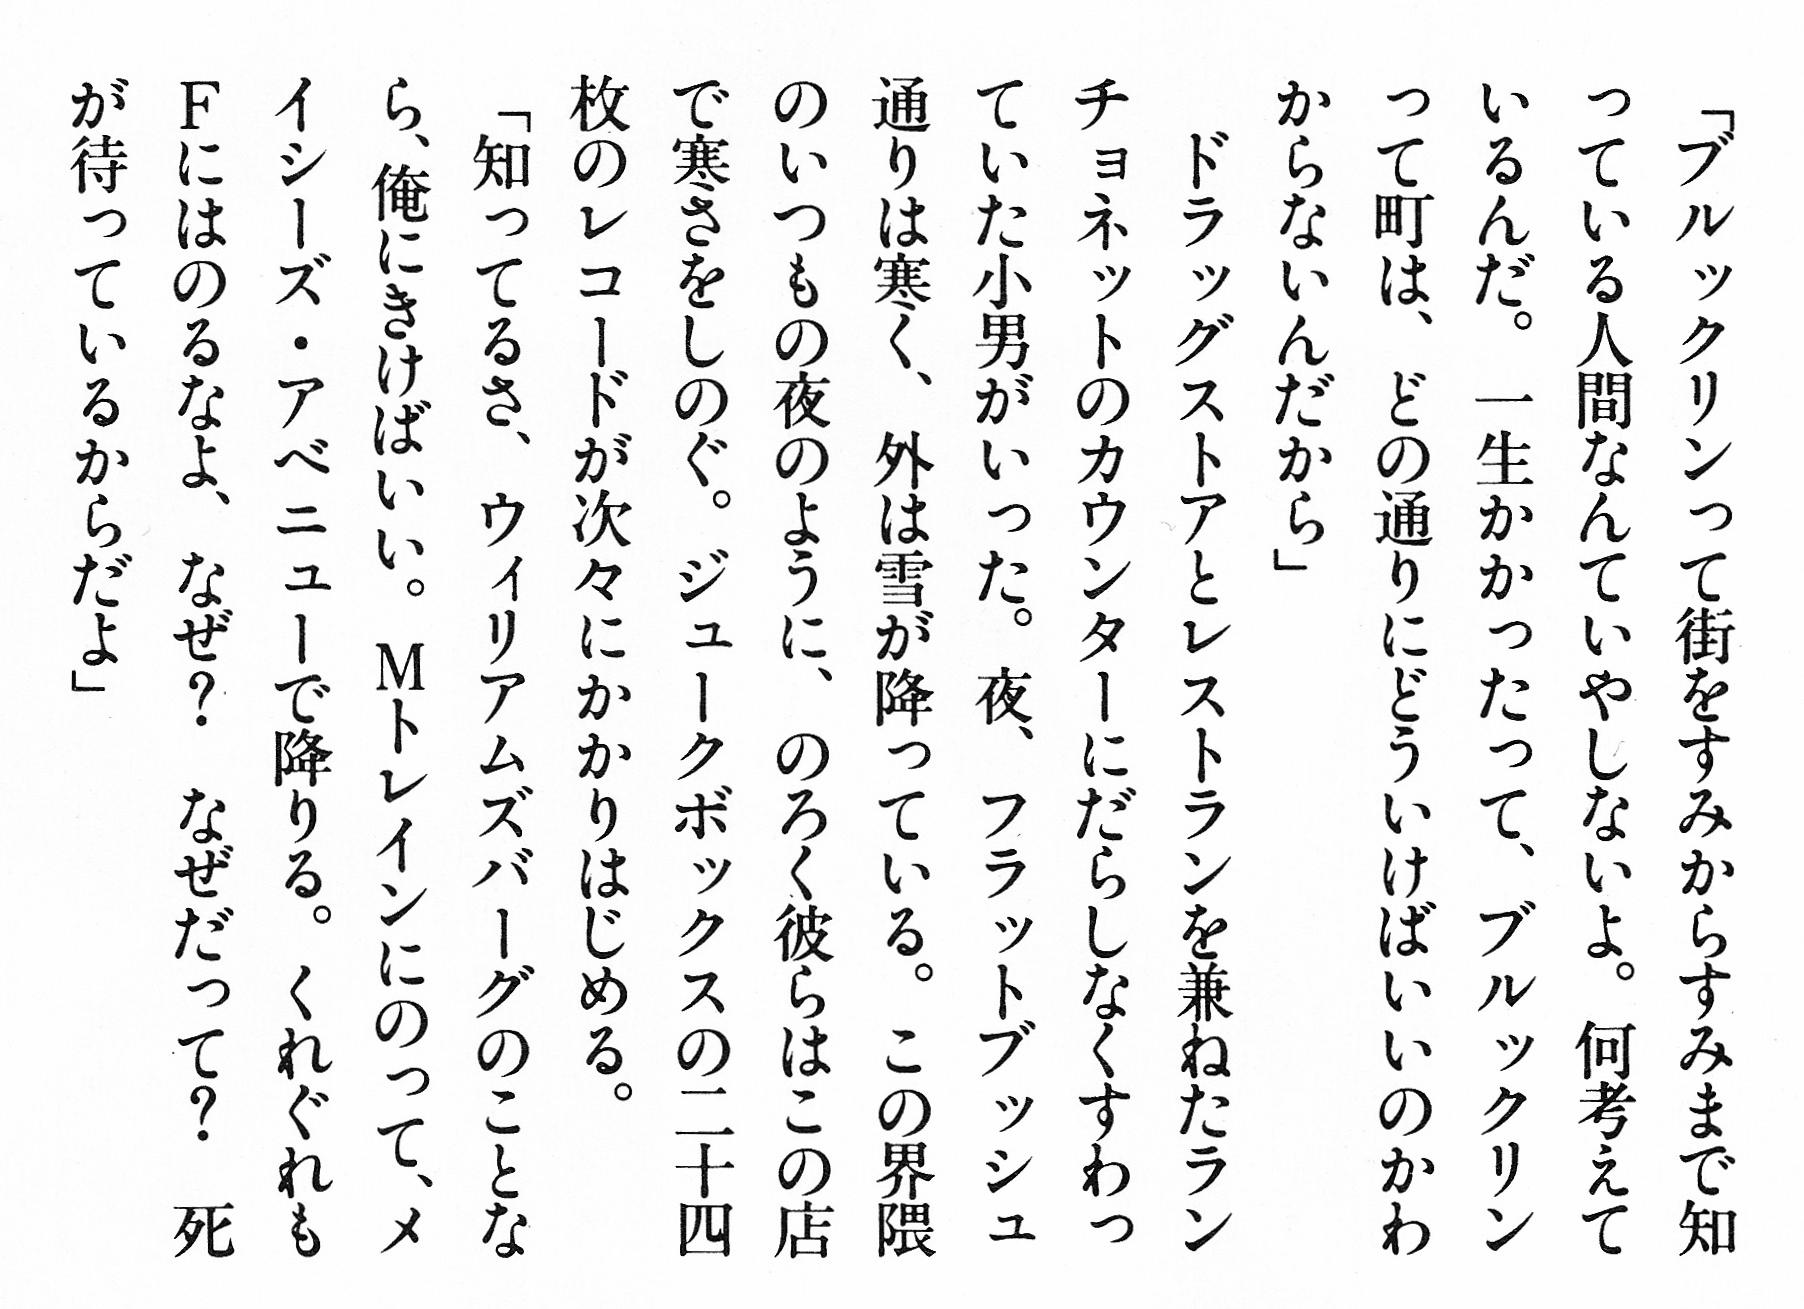 5_Switch_1986_ブルックリン_太明.jpg